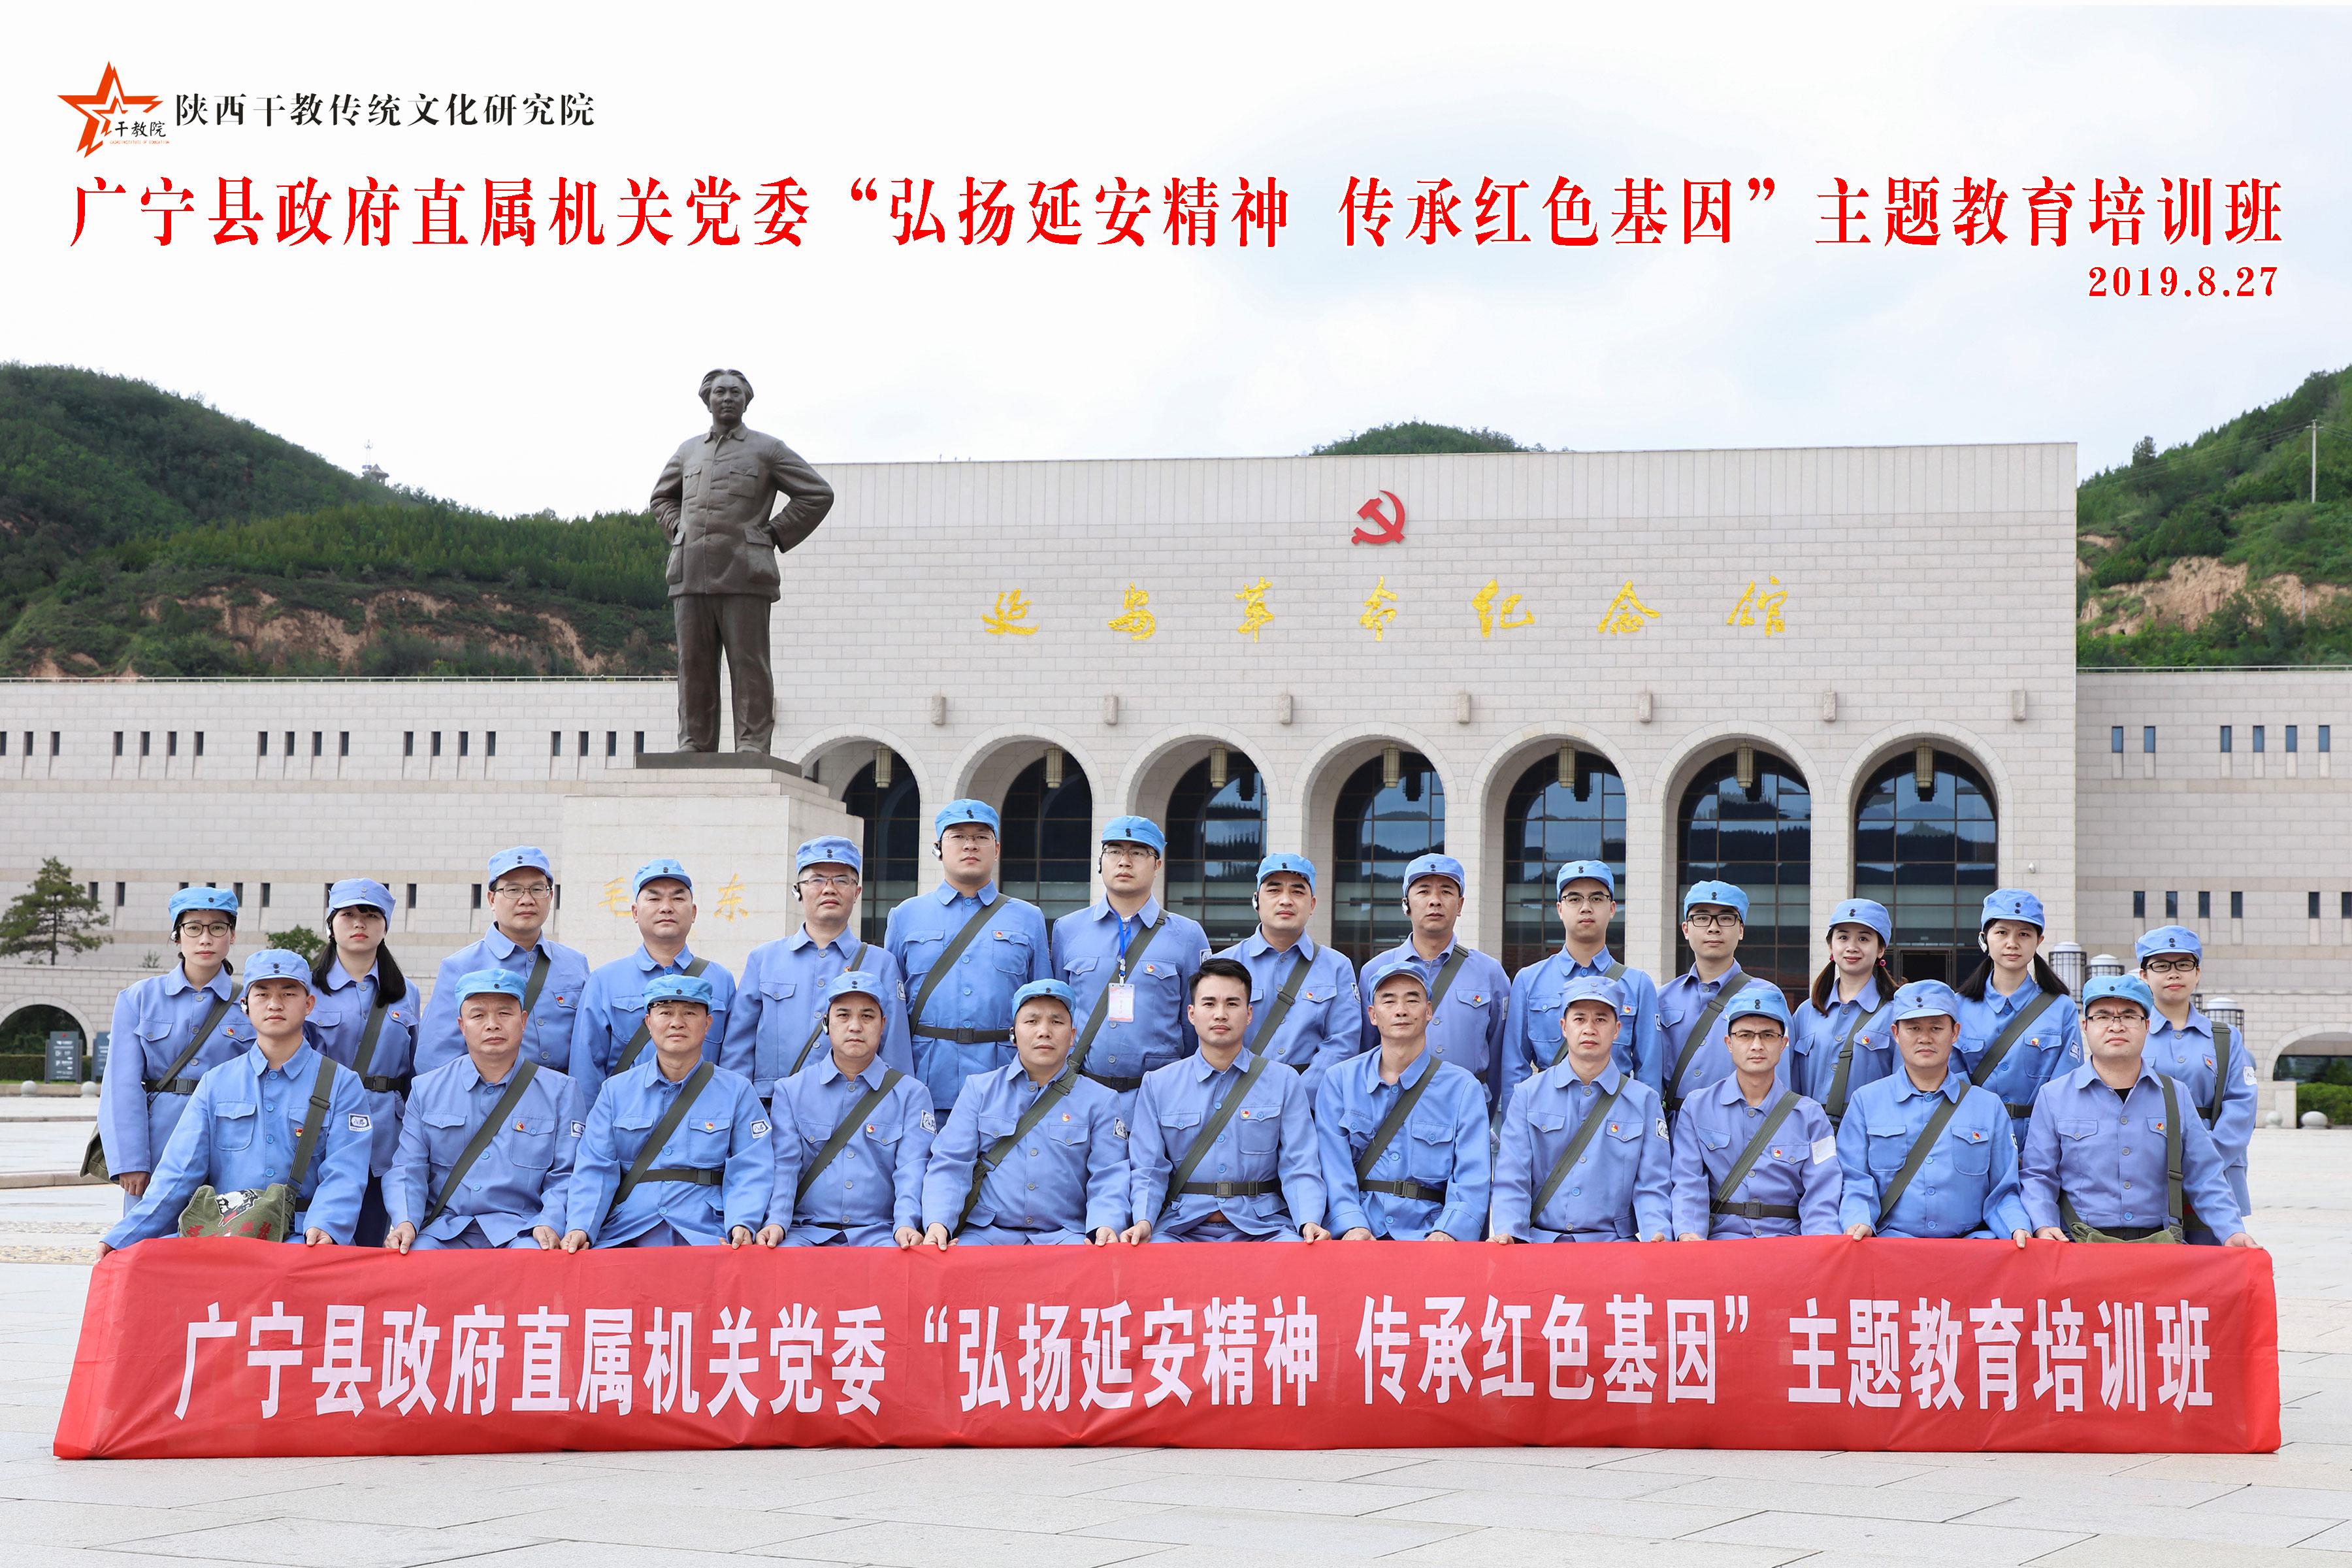 陕西正领文化研究院 | 徐州市沛县生态环境局第二期学员赴延安参